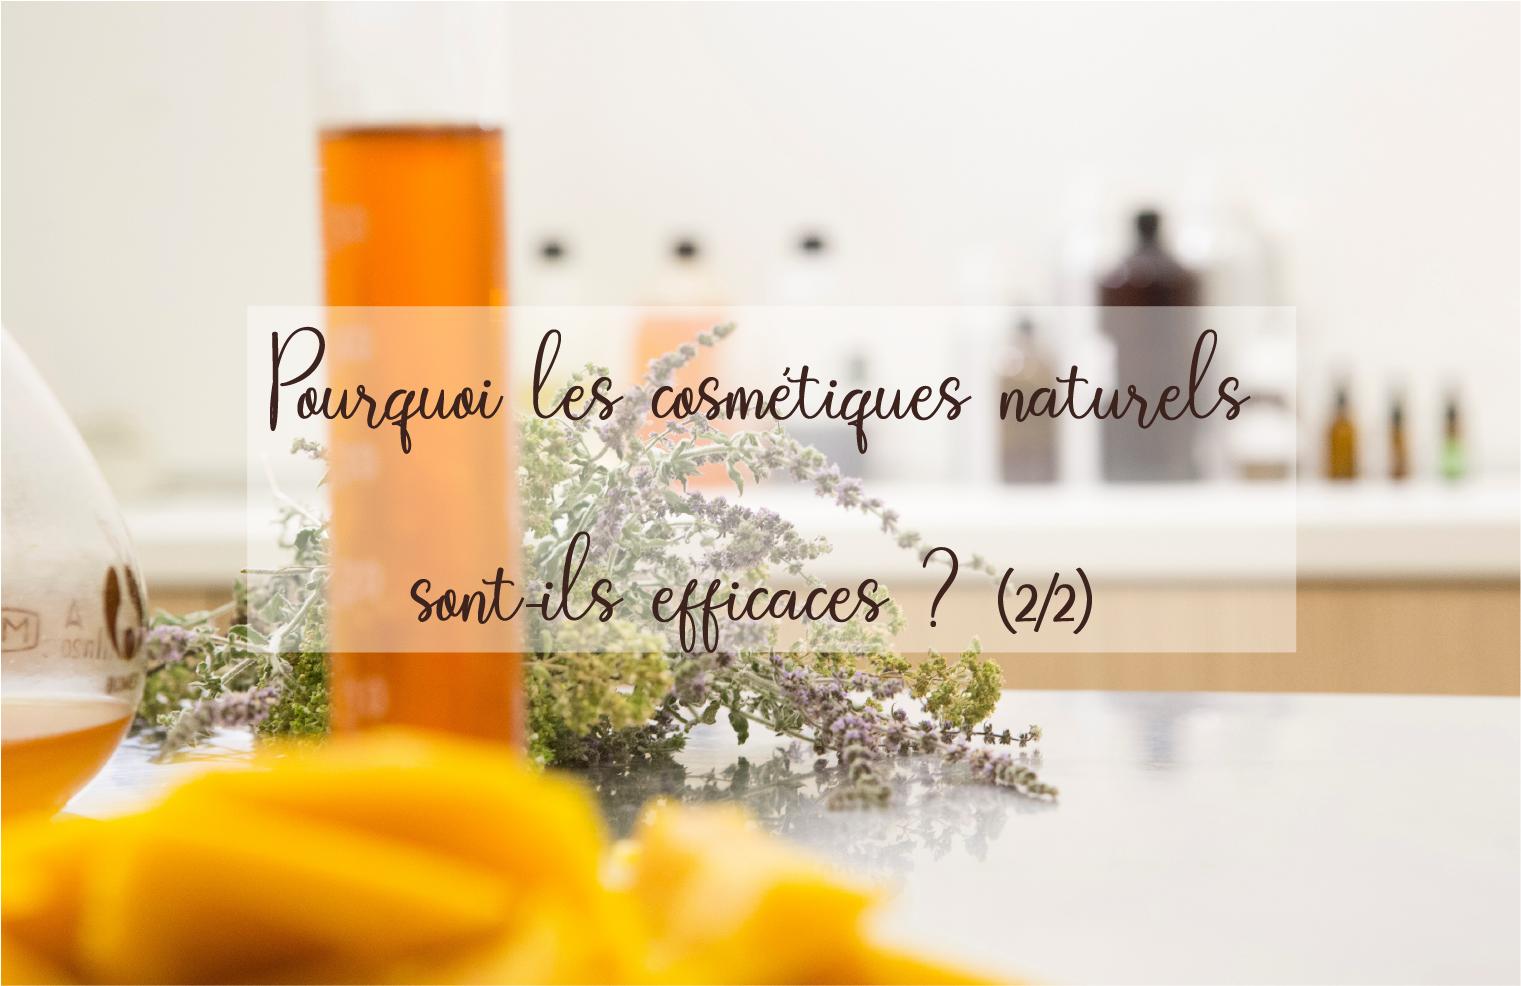 Pourquoi les cosmétiques naturels sont-ils efficaces (22)